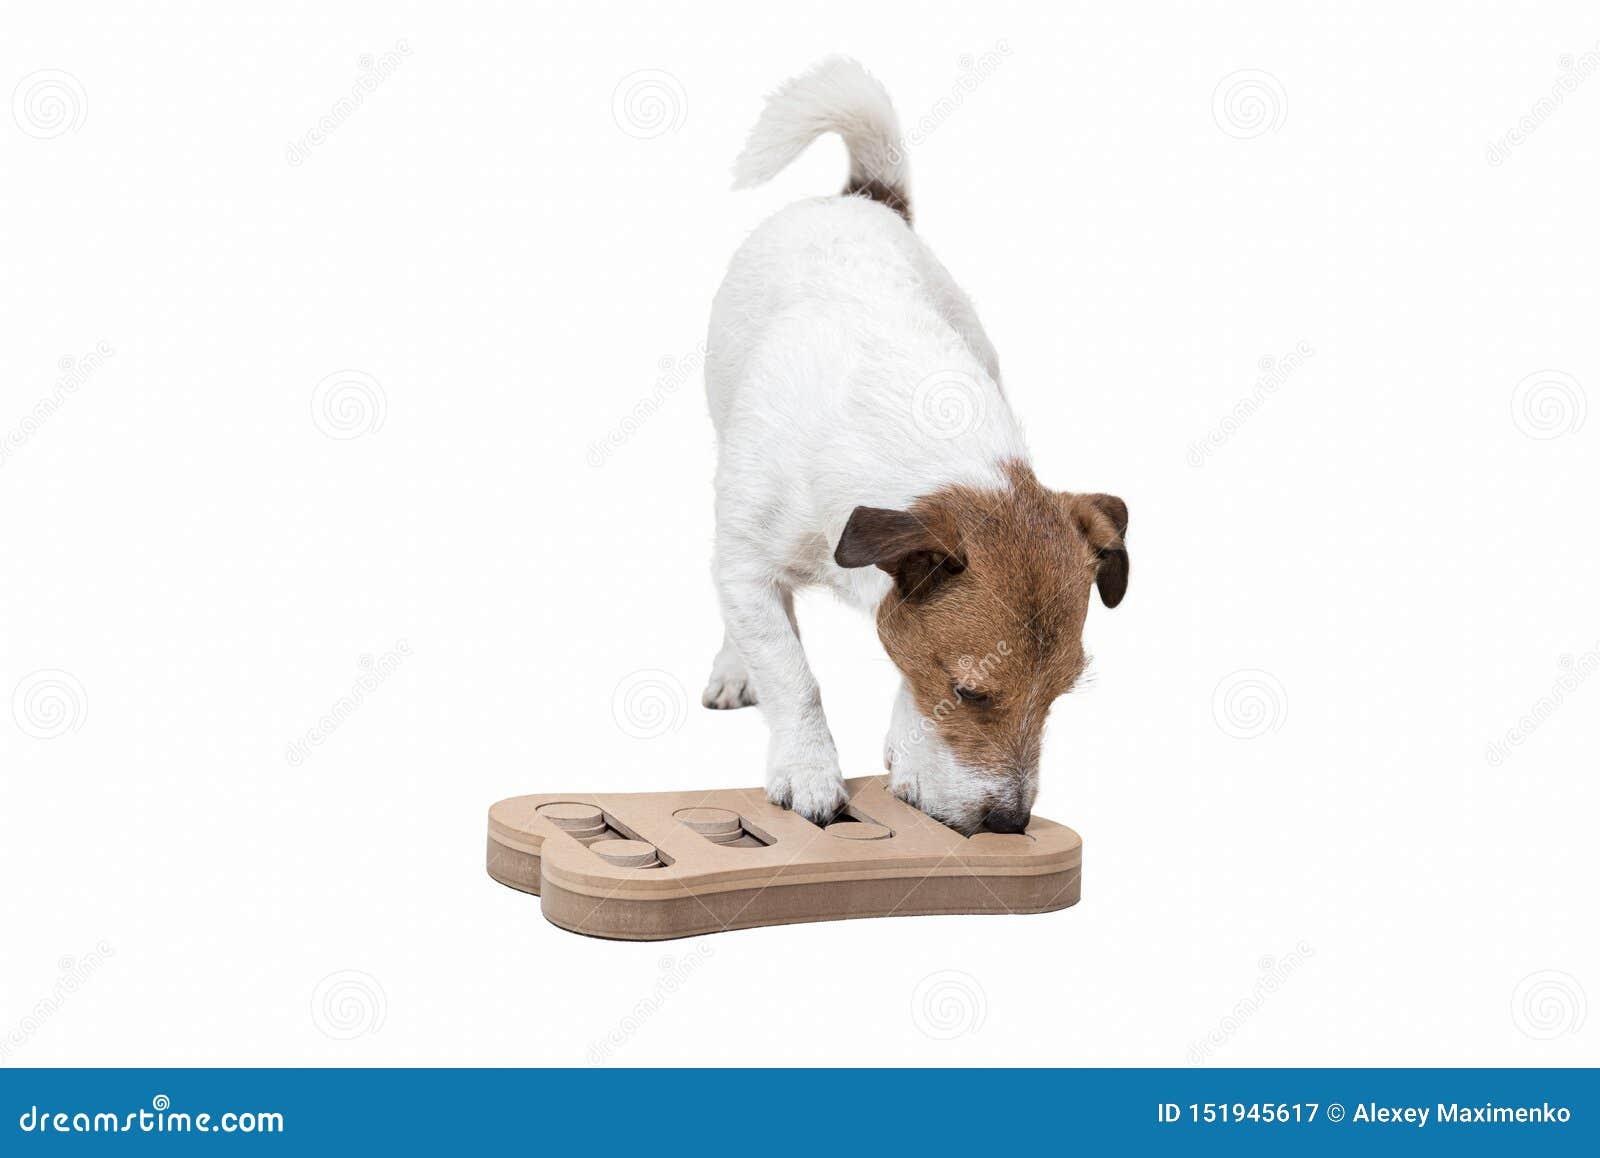 Hund während der geistlich Stimulierungstätigkeit mit Puzzlespielschnüffelnspiel